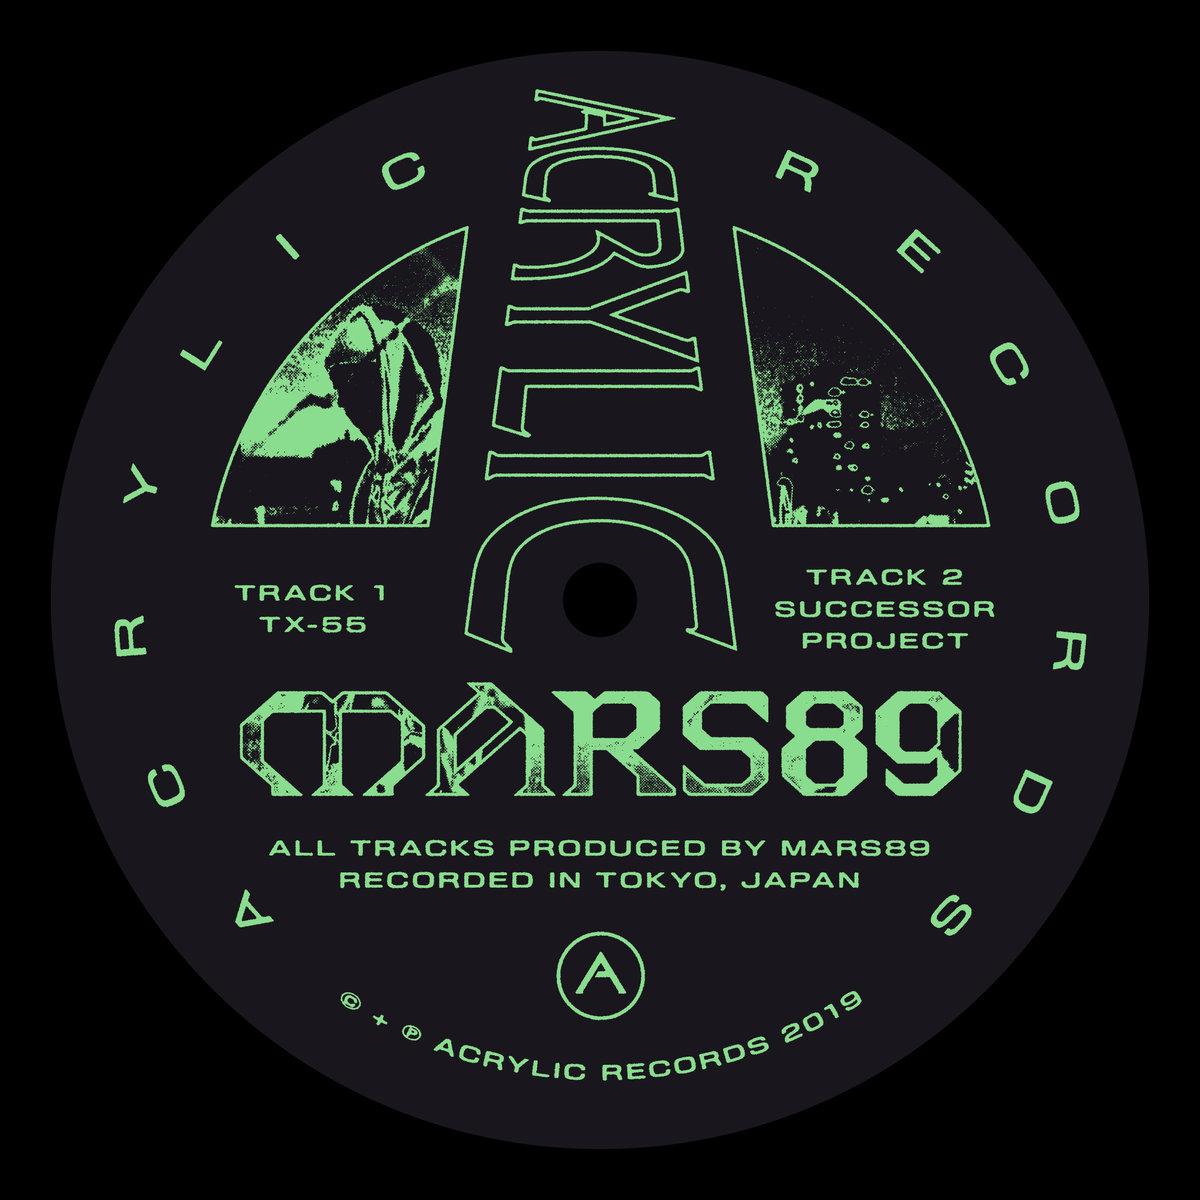 Mars89 - TX-55